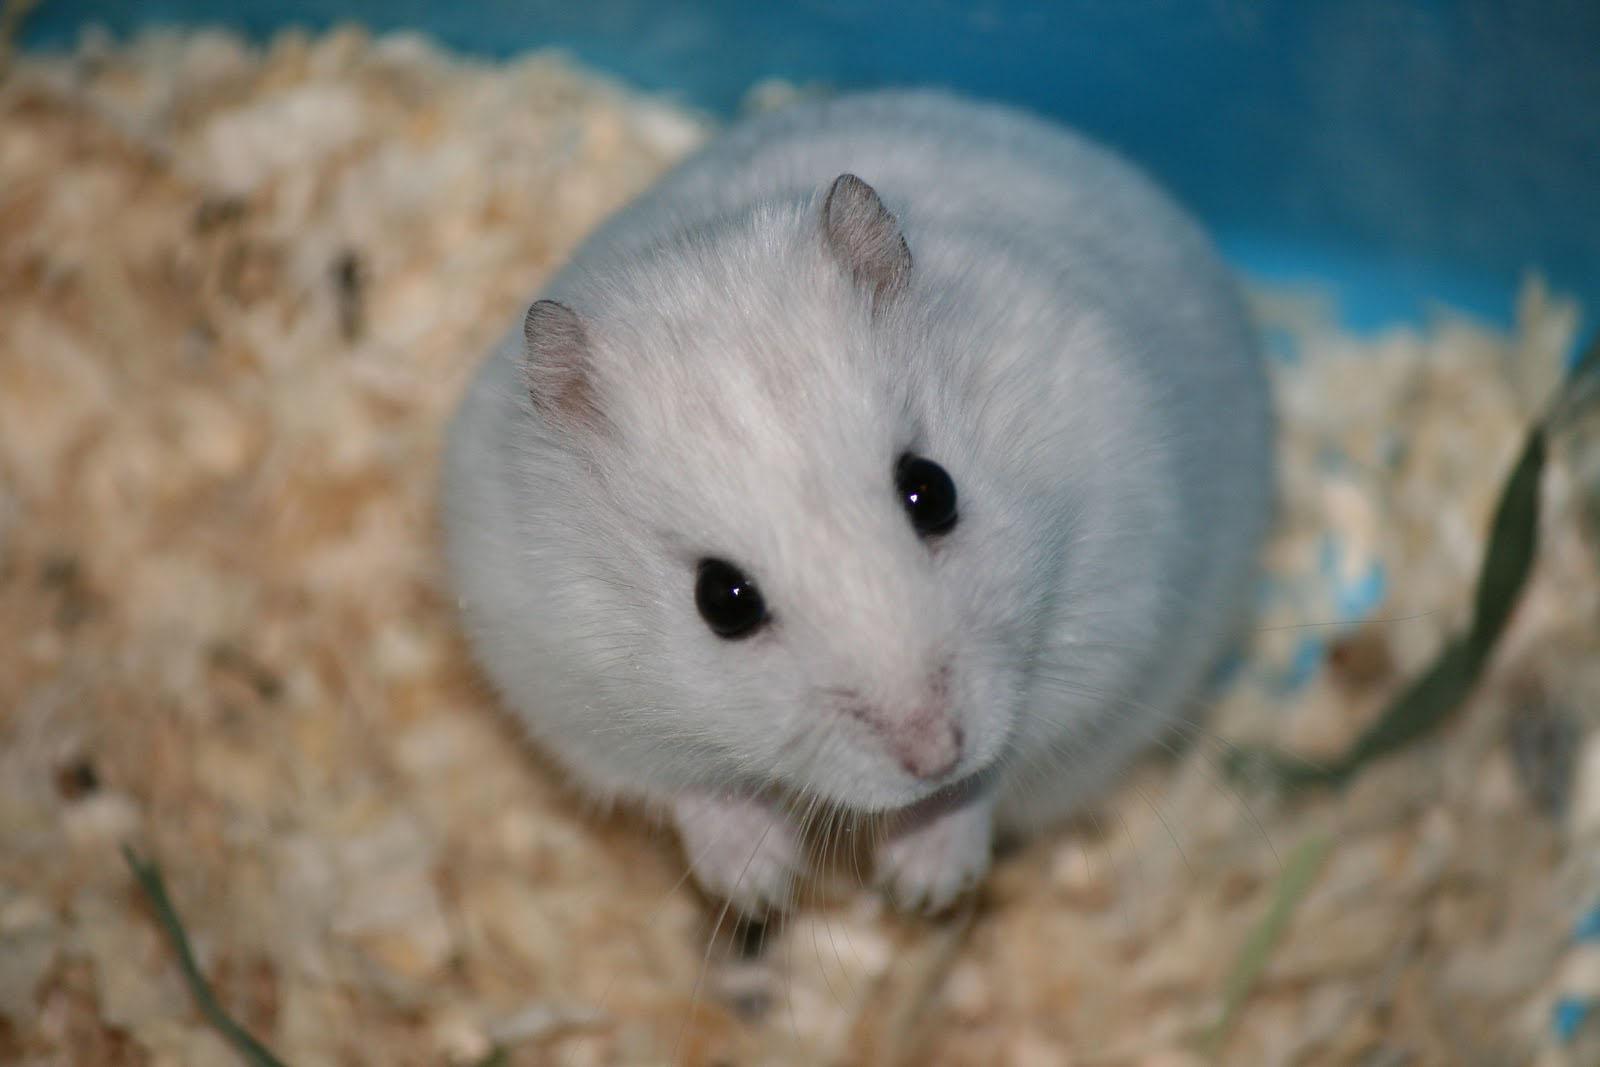 Hamsters achtergronden dieren hd hamster wallpapers foto 19jpg 1600x1067